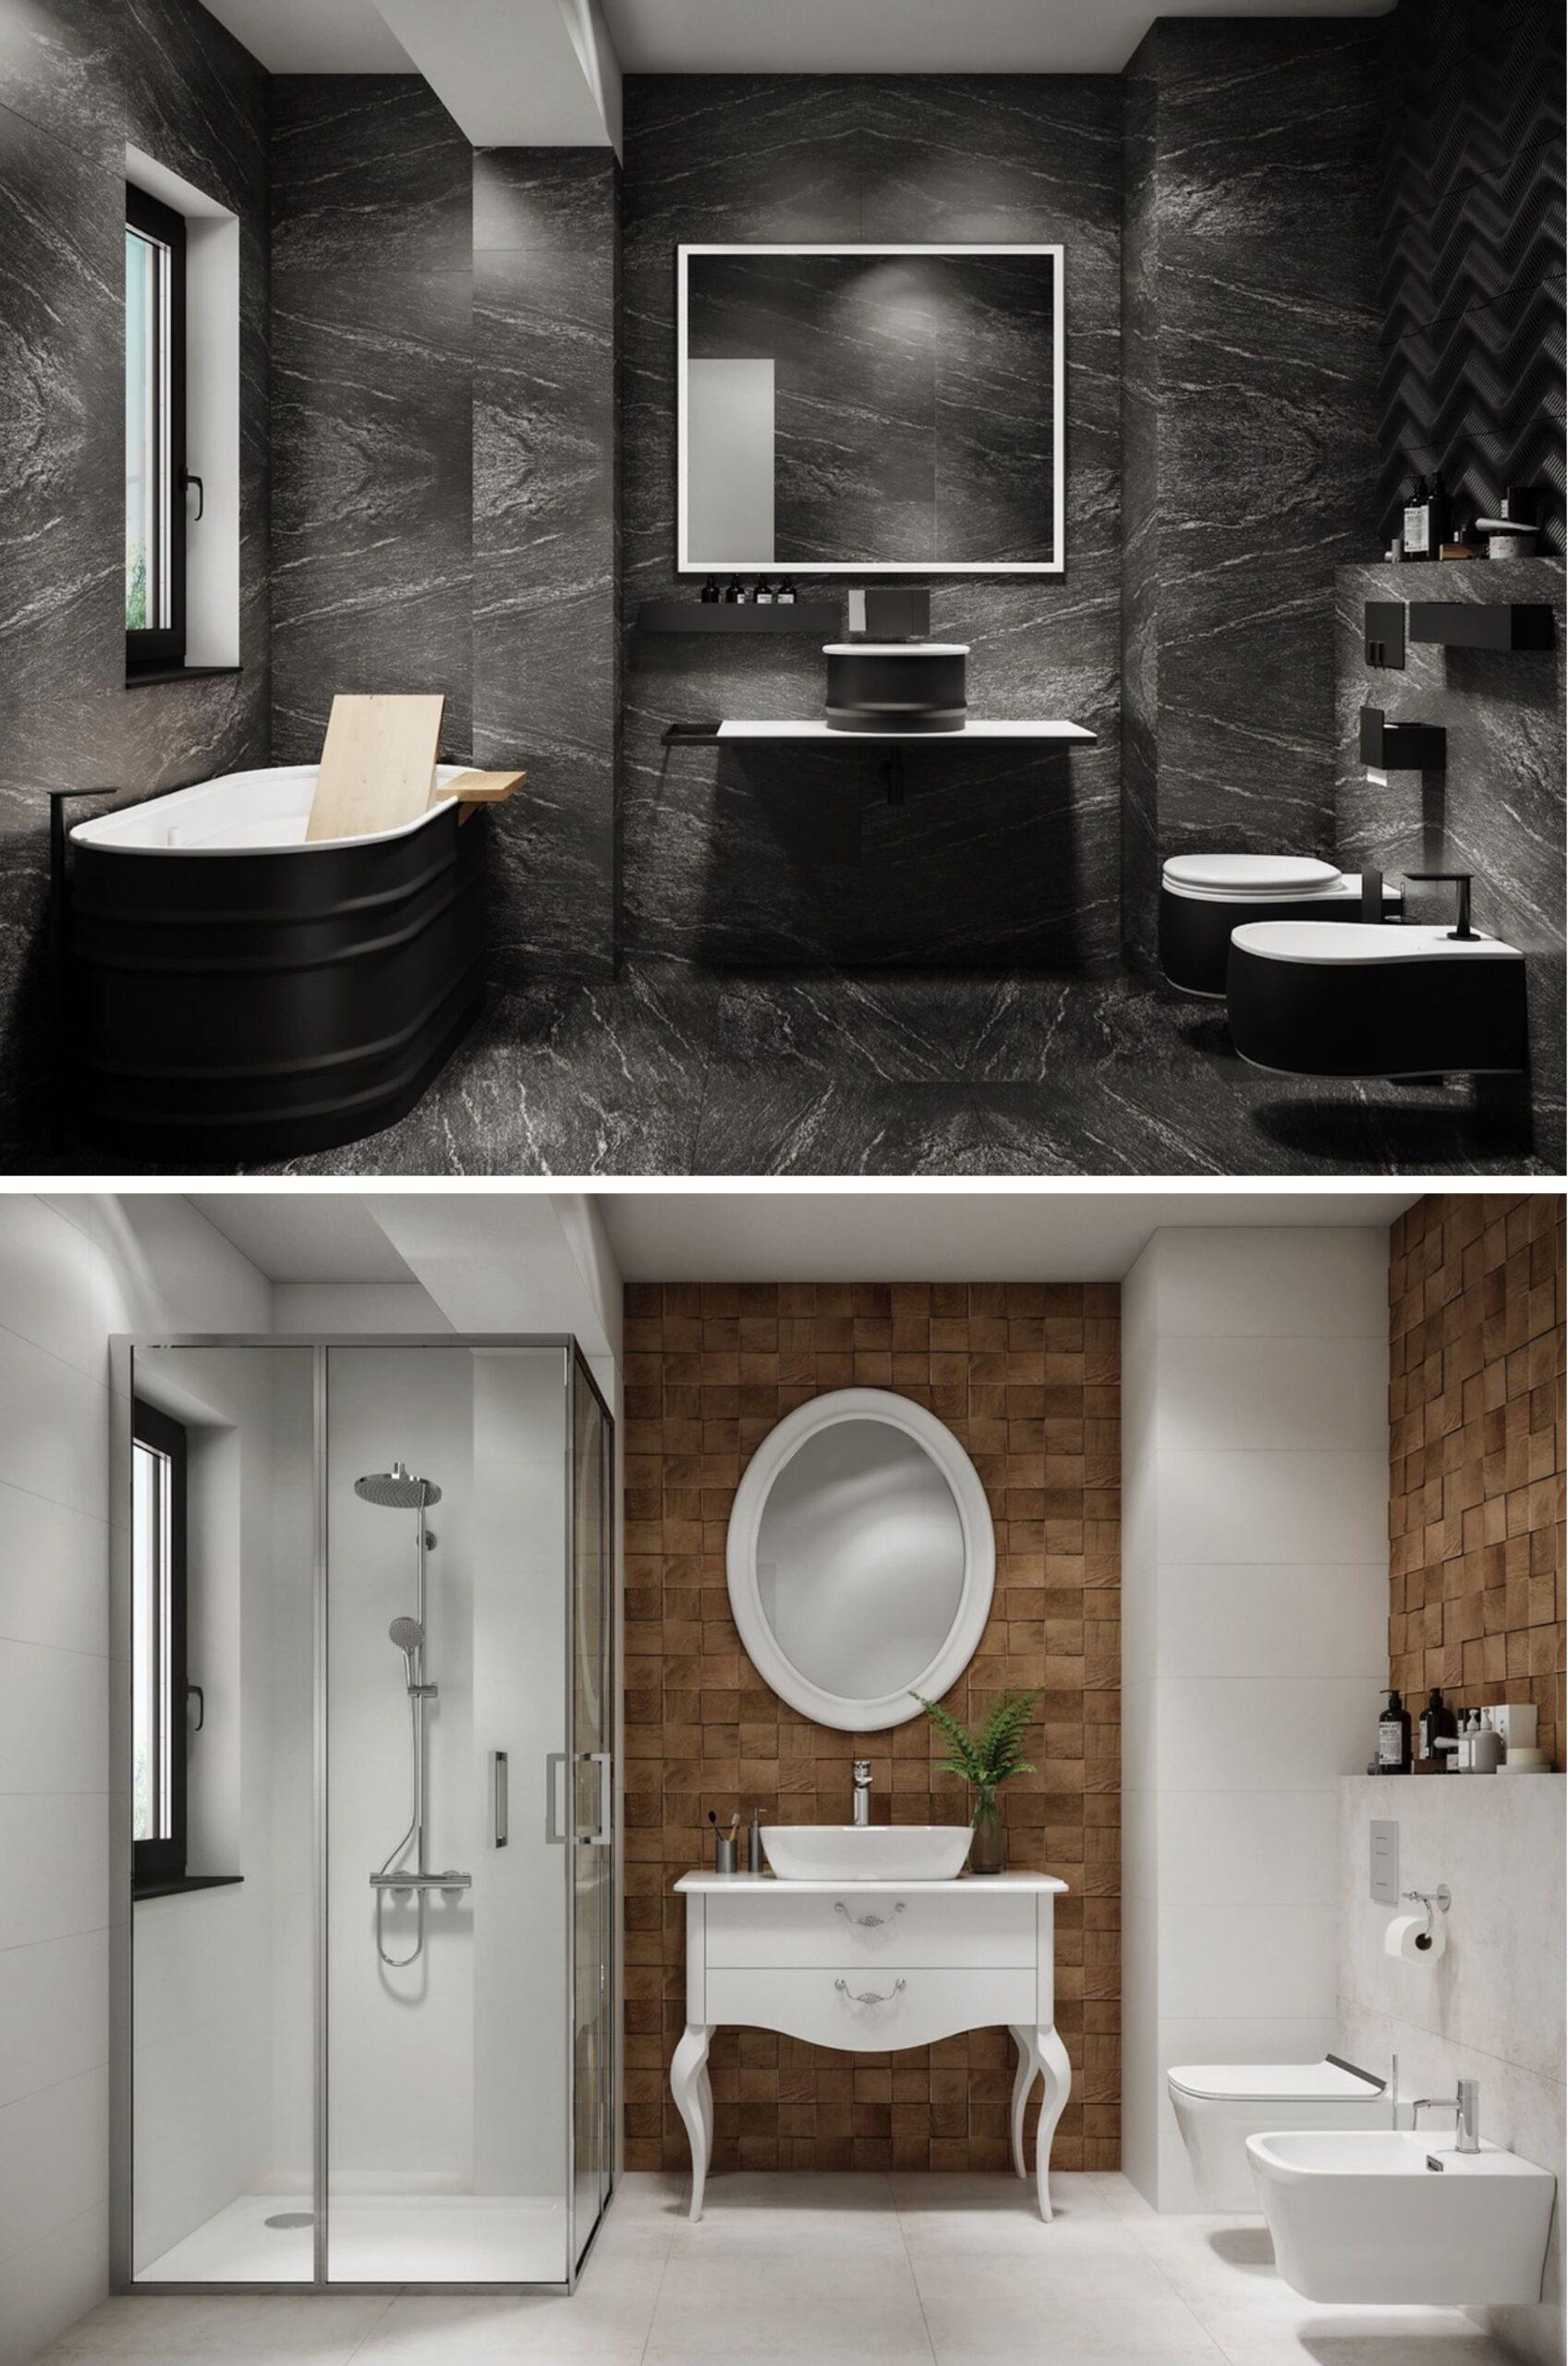 дизайн интерьера ванной комнаты фото 22